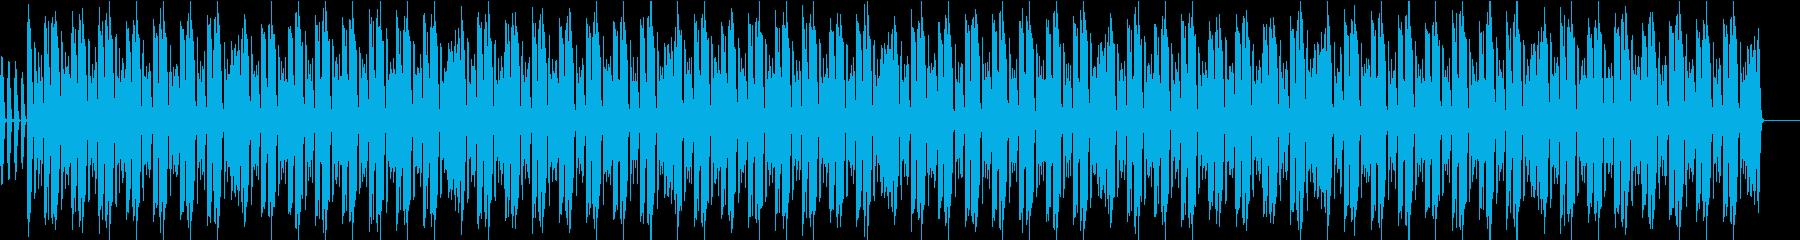 サイファービート7の再生済みの波形